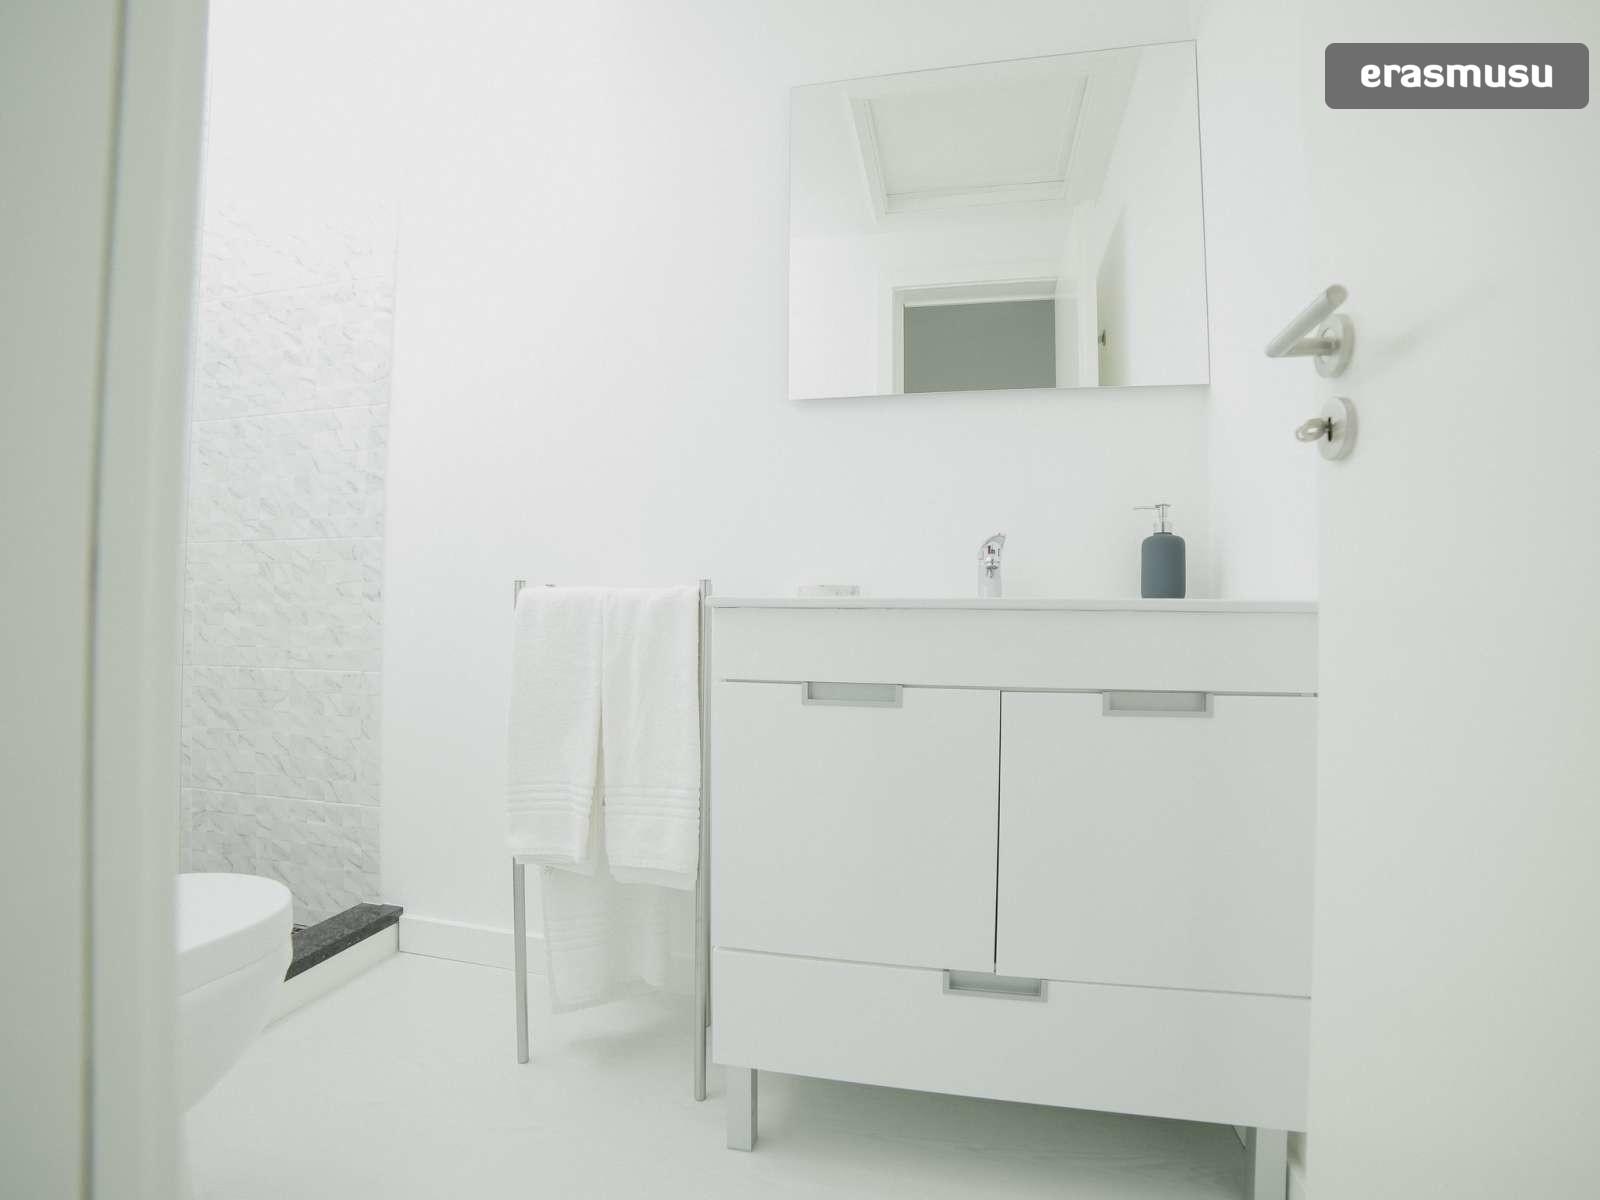 bright-studio-rent-santo-ildefonso-porto-dd9f41155a012df56f5a892